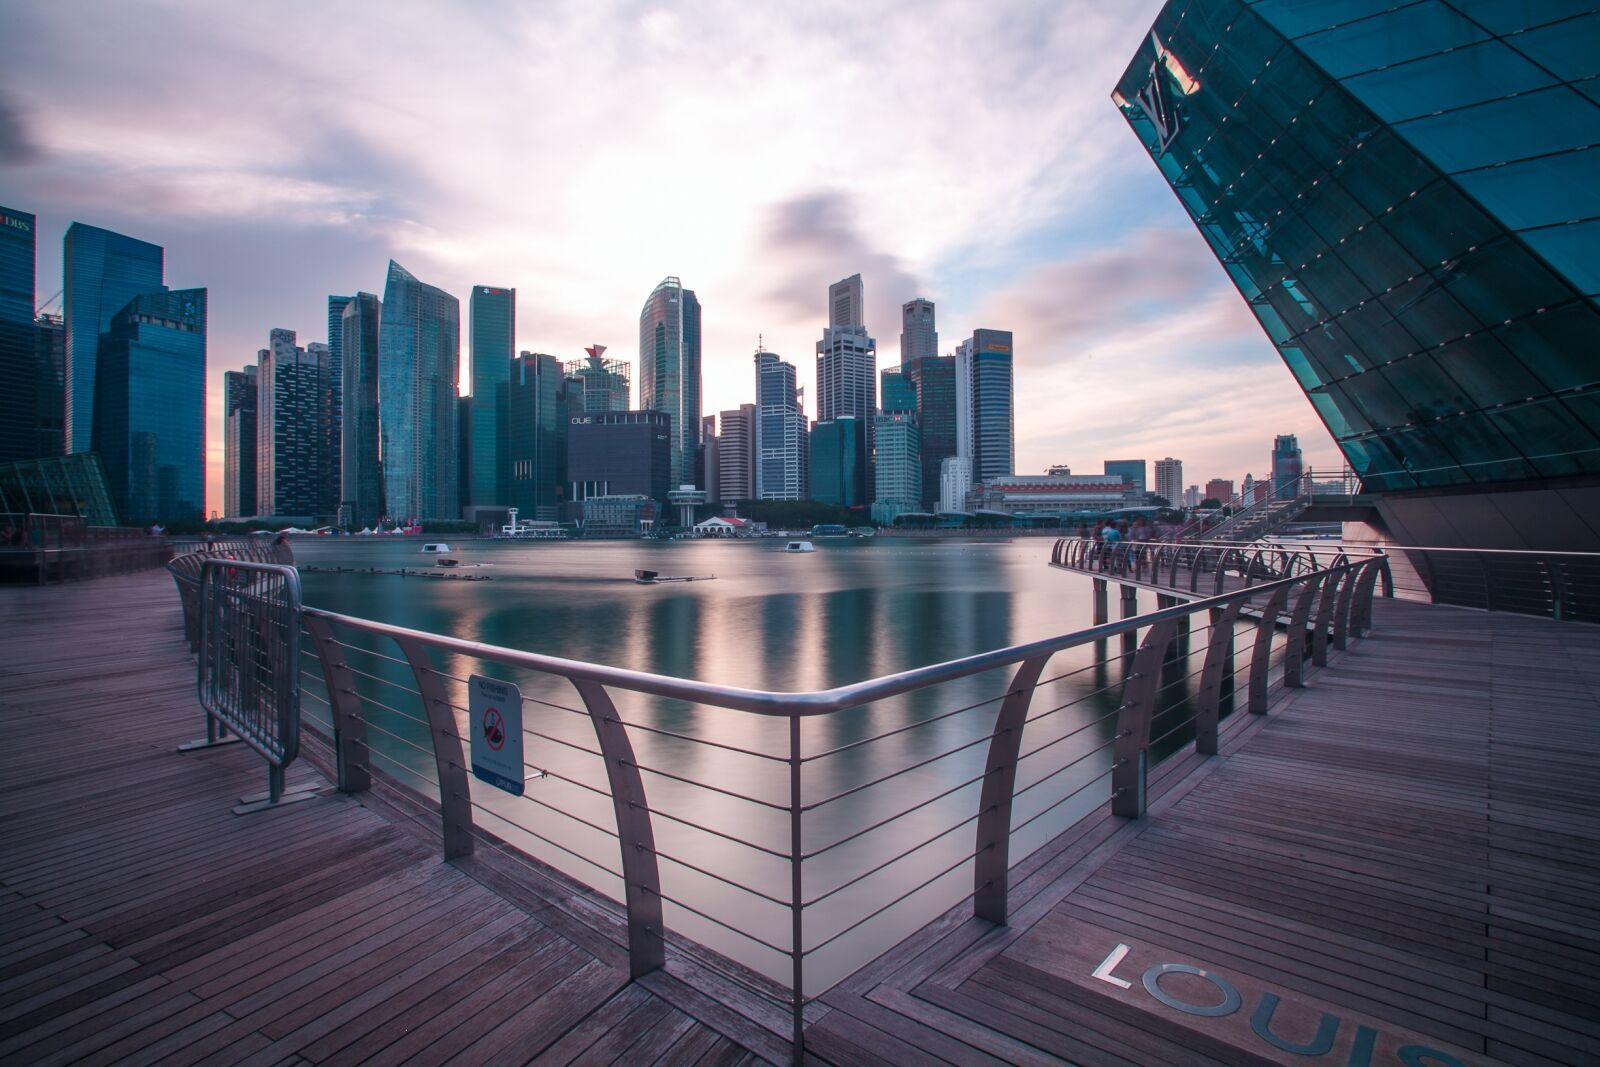 cbd, marinarea, singapore, Canon EOS 5D MARK II, Canon EF 17-40mm f/4L